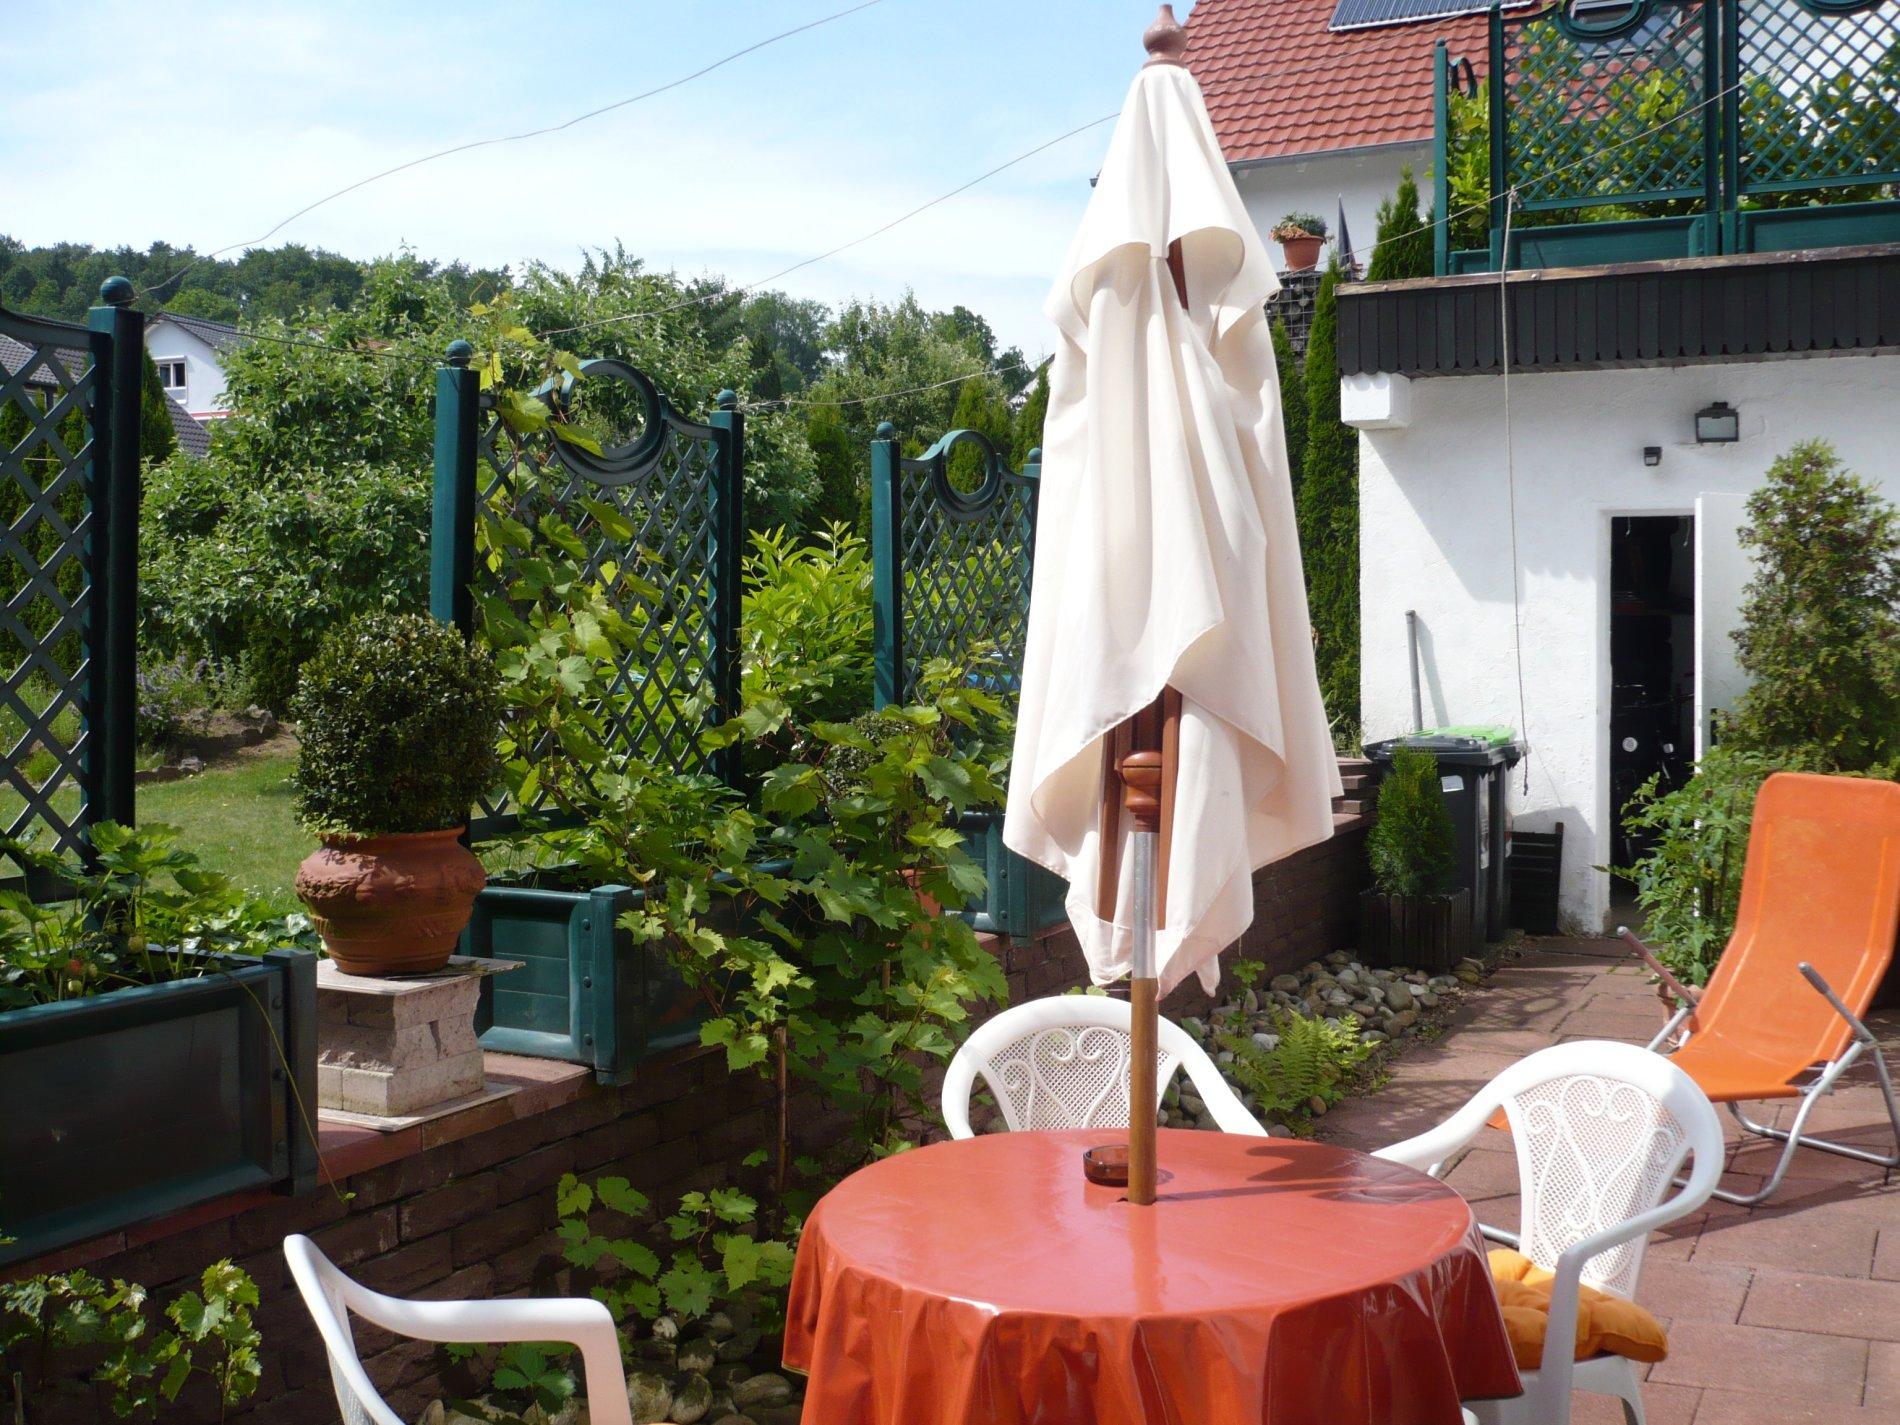 Steinterrasse mit Tisch und 3 Stühlen, Sonnenschirm und Liege und Pflanzen